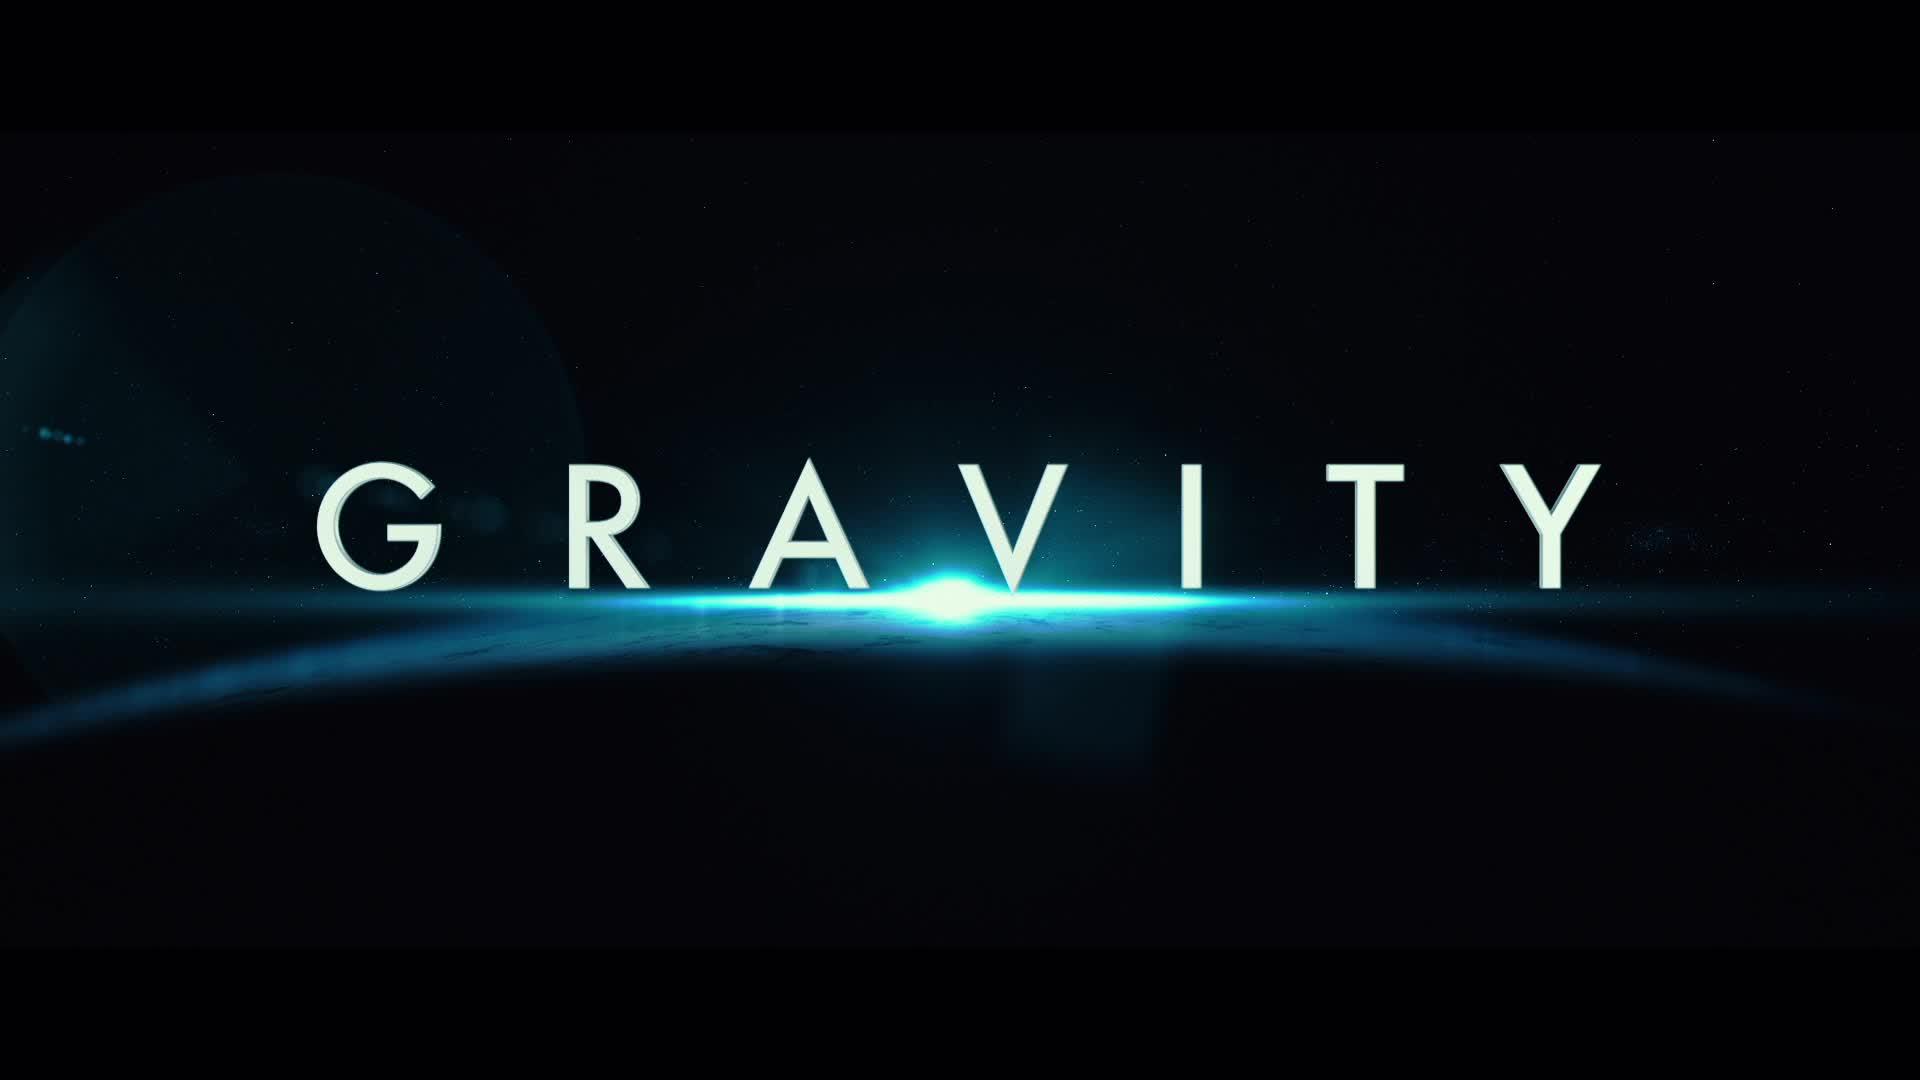 Gravity Wallpaper Desktop h823130 Movies HD Wallpaper 1920x1080